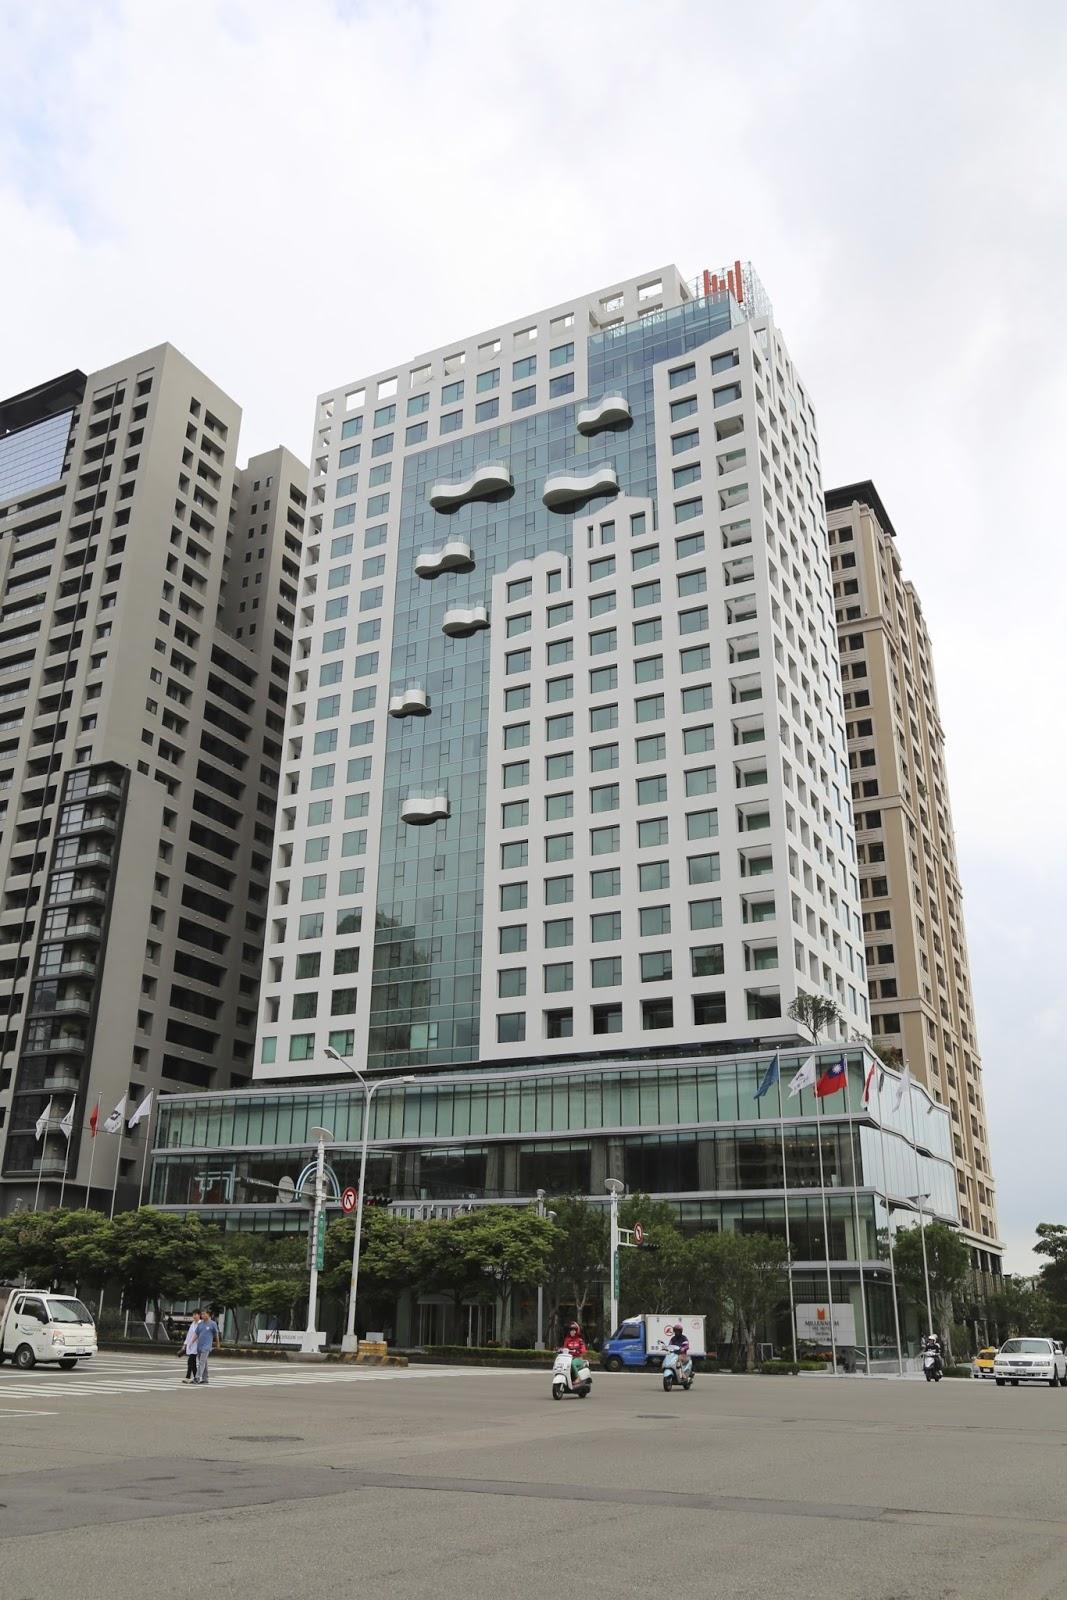 無題: 2013 五月的臺中之旅:日月千禧酒店